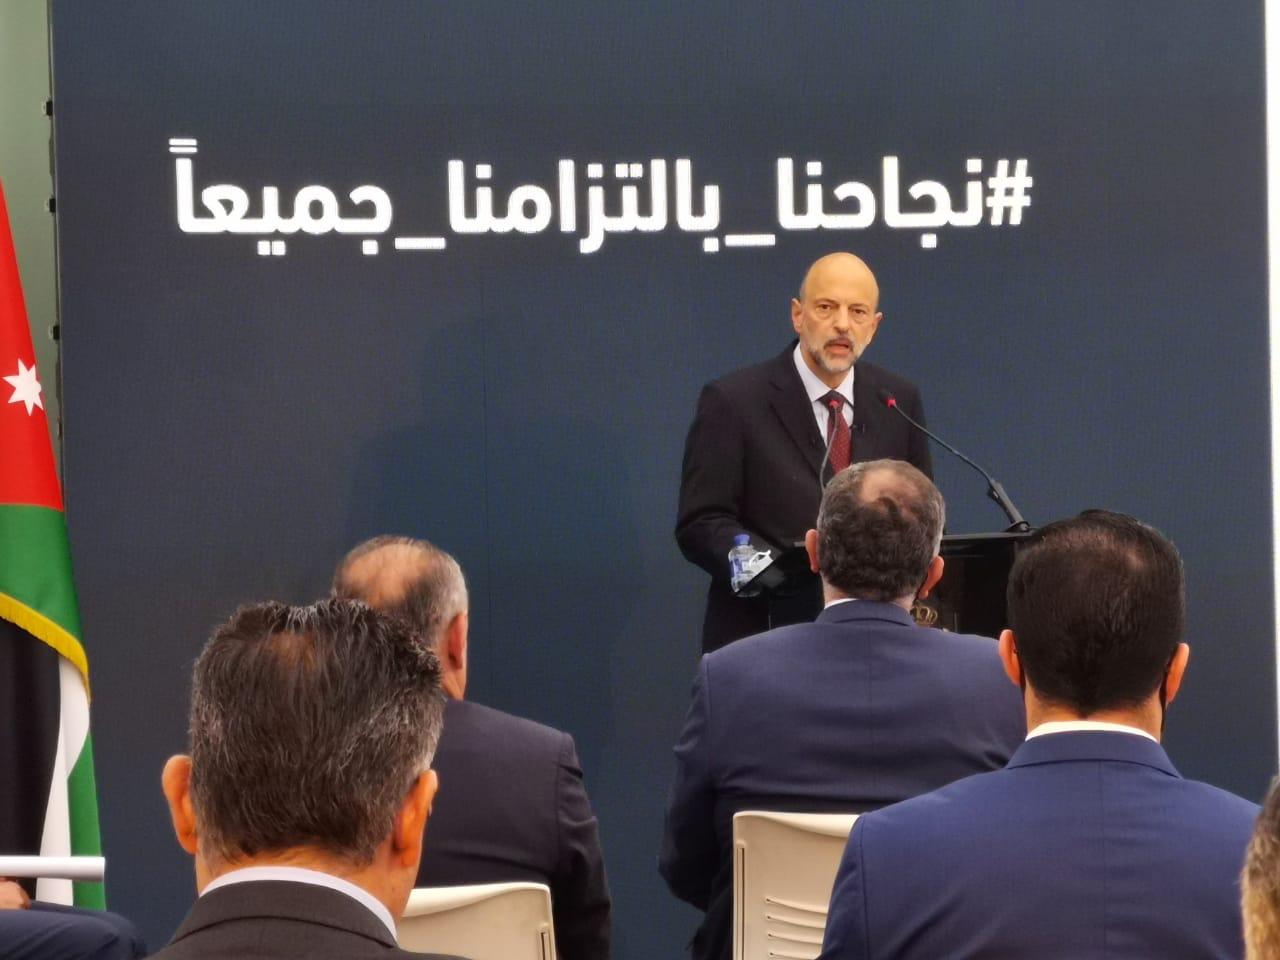 الرزاز يعلن خطة ومصفوفة اجرائية لفتح غالبية القطاعات والسماح بحرية الحركة والبدء بتنفيذها